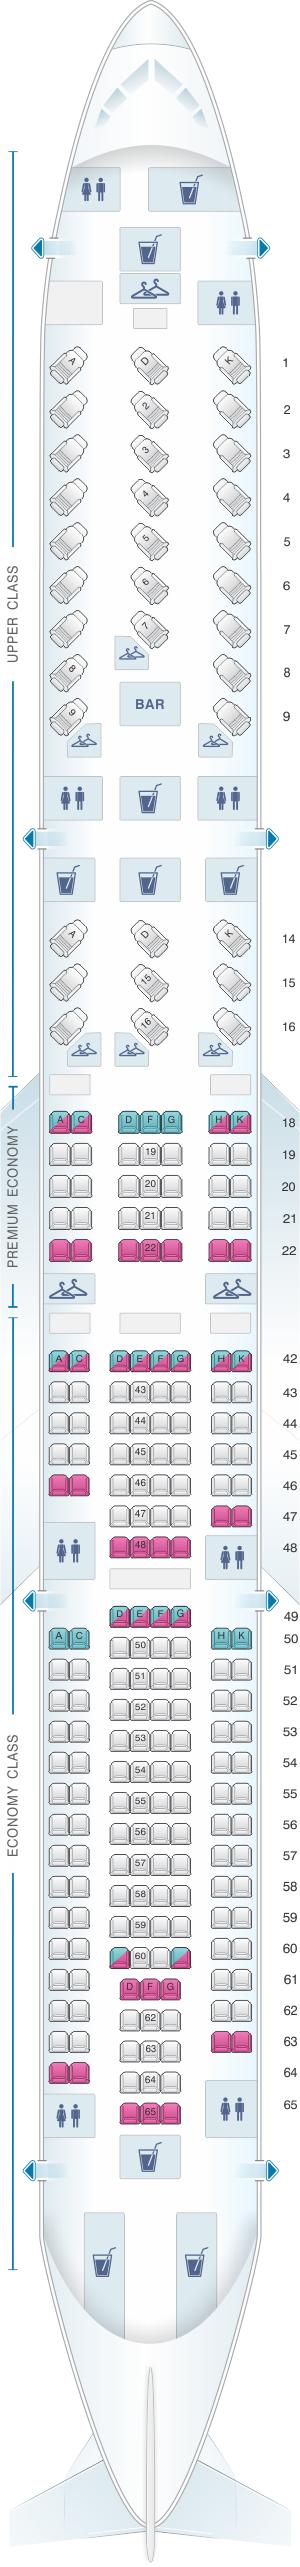 Seat map for Virgin Atlantic Airbus A340 300